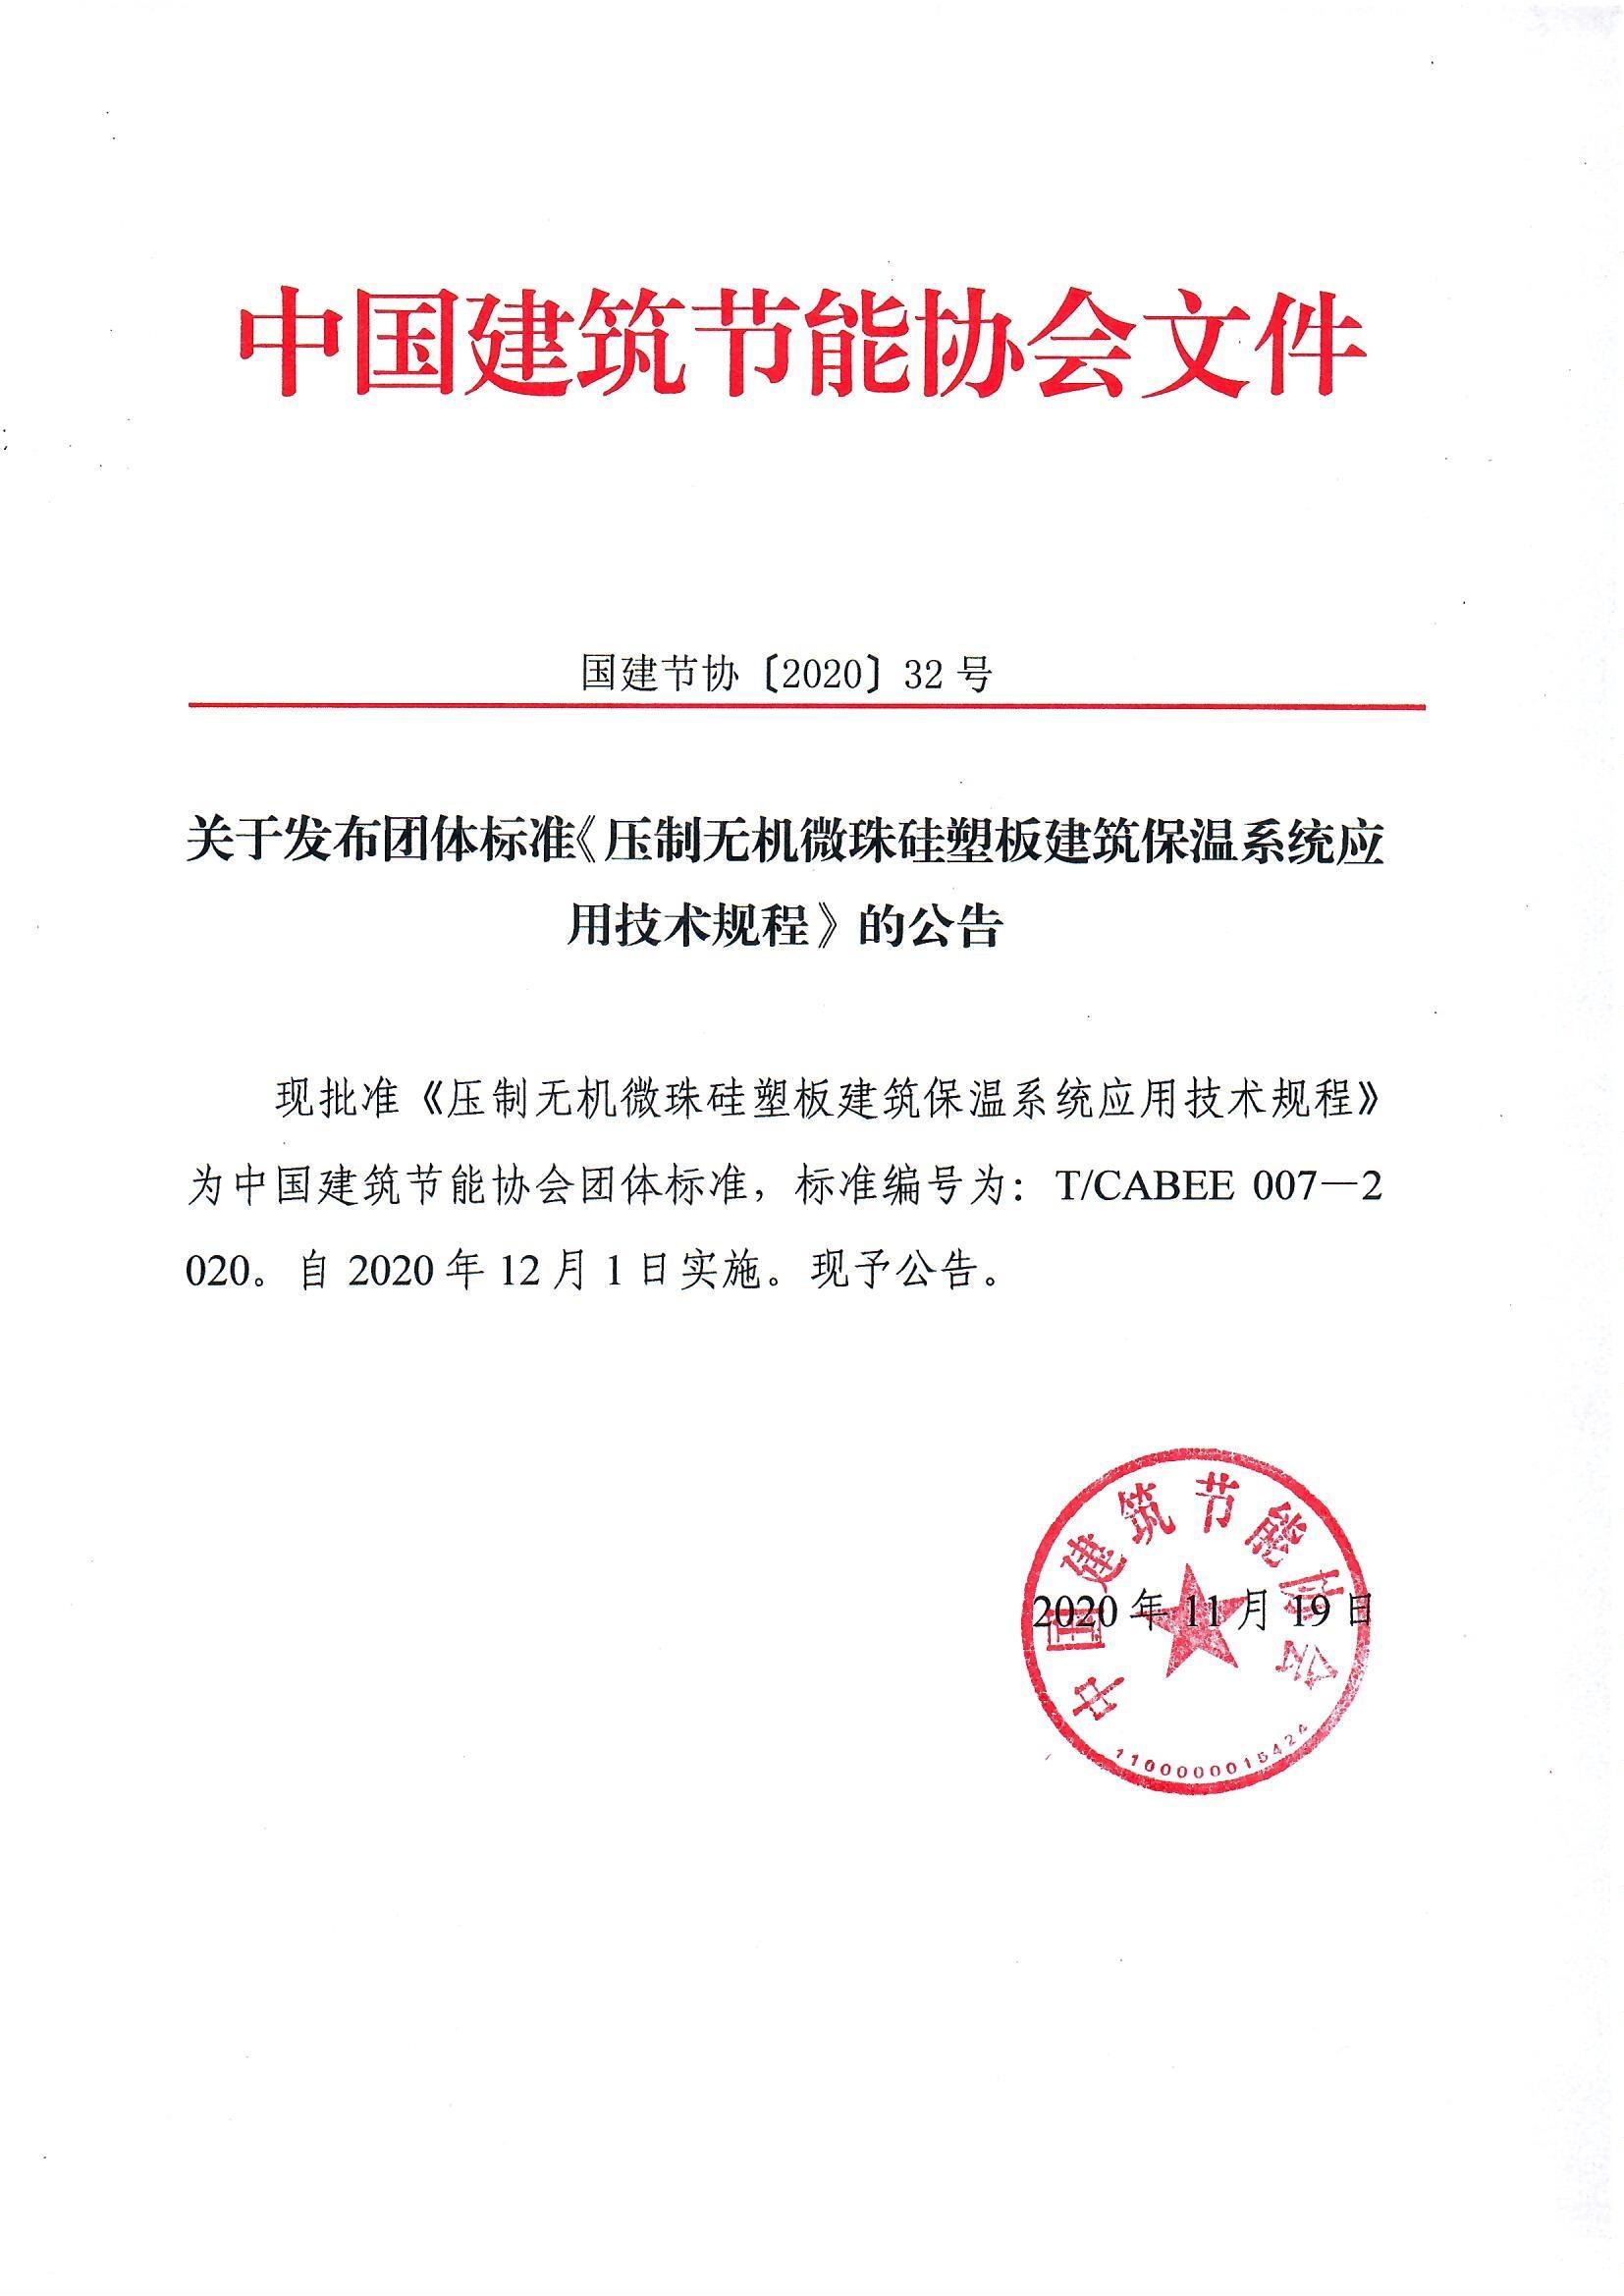 7.关于发布团体标准《压制无机微珠硅塑板建筑保温系统应用技术规程》的公告.jpg